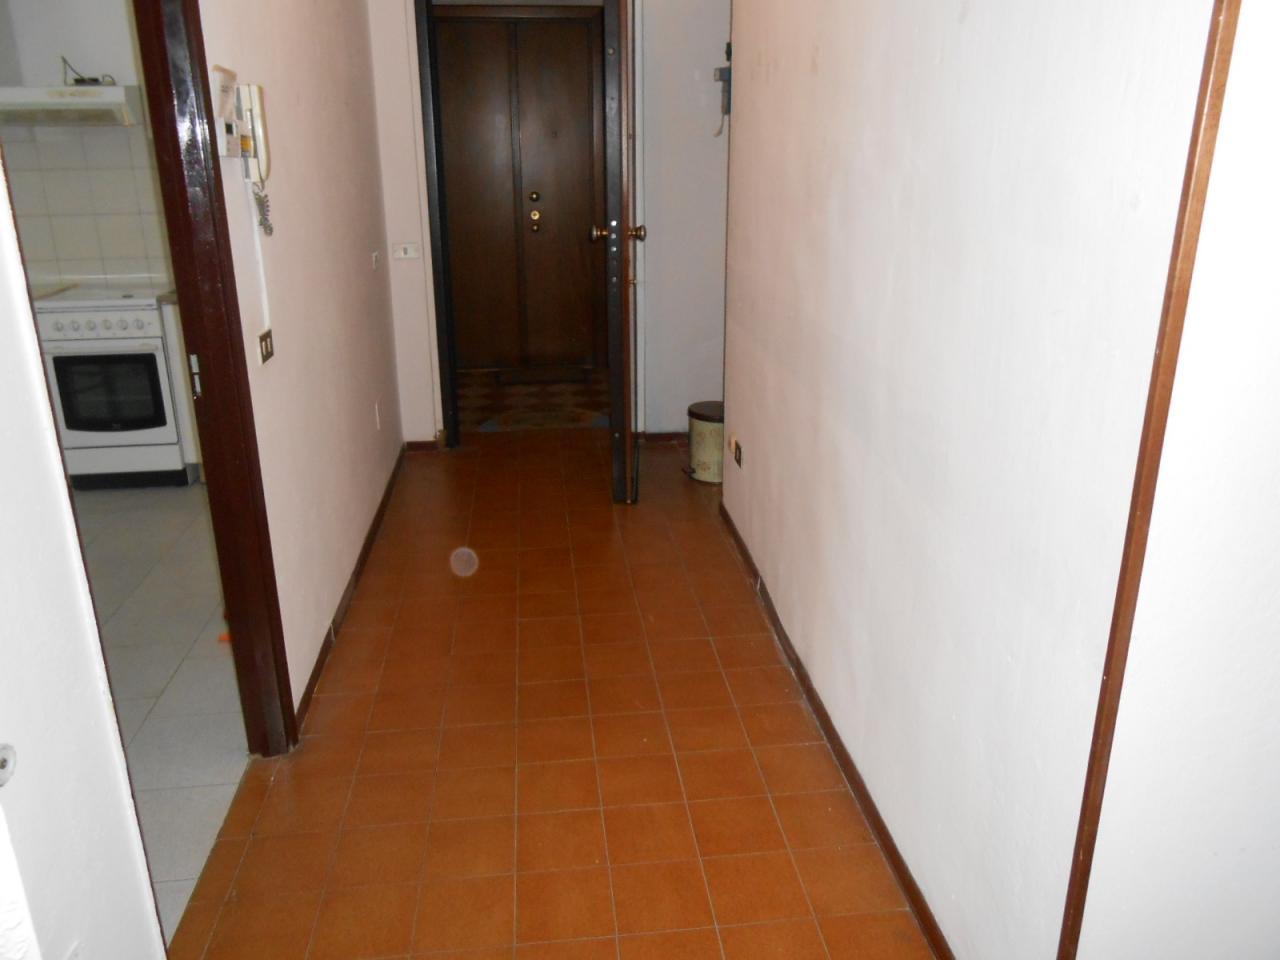 Rif vt1173 appartamento in affitto a voghera for Affitto voghera arredato